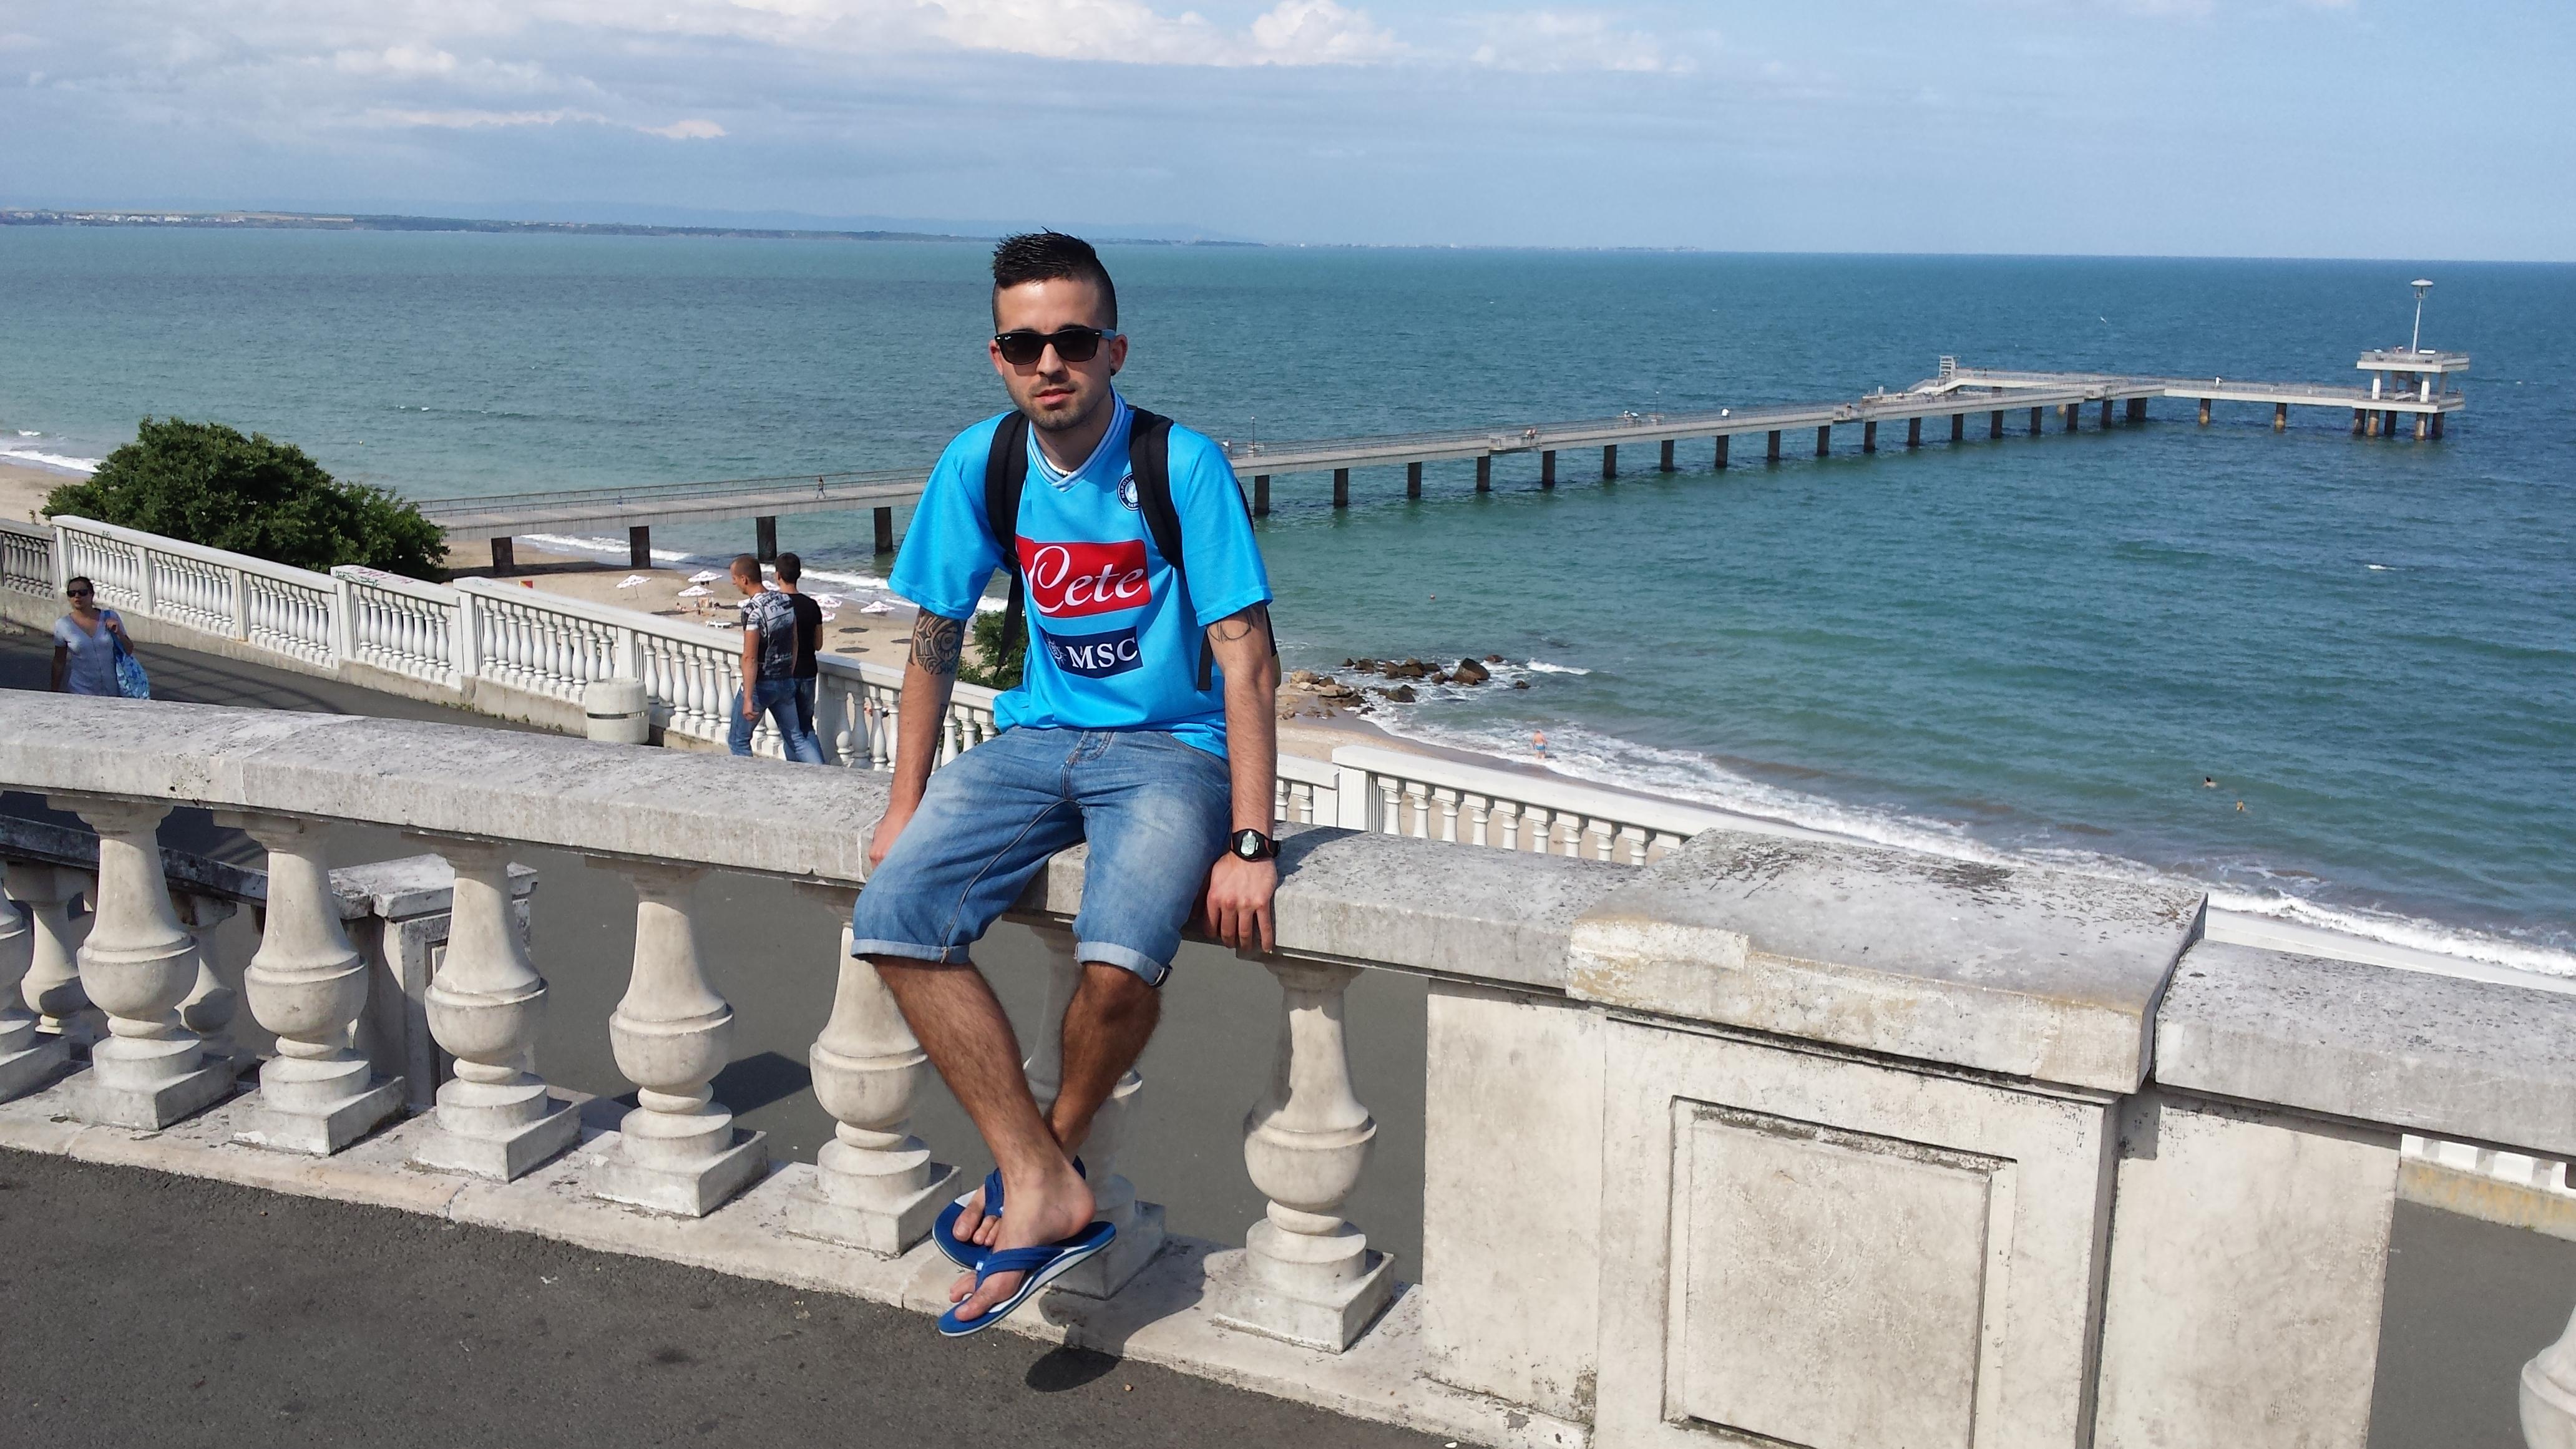 borja de voluntariado europeo en playa